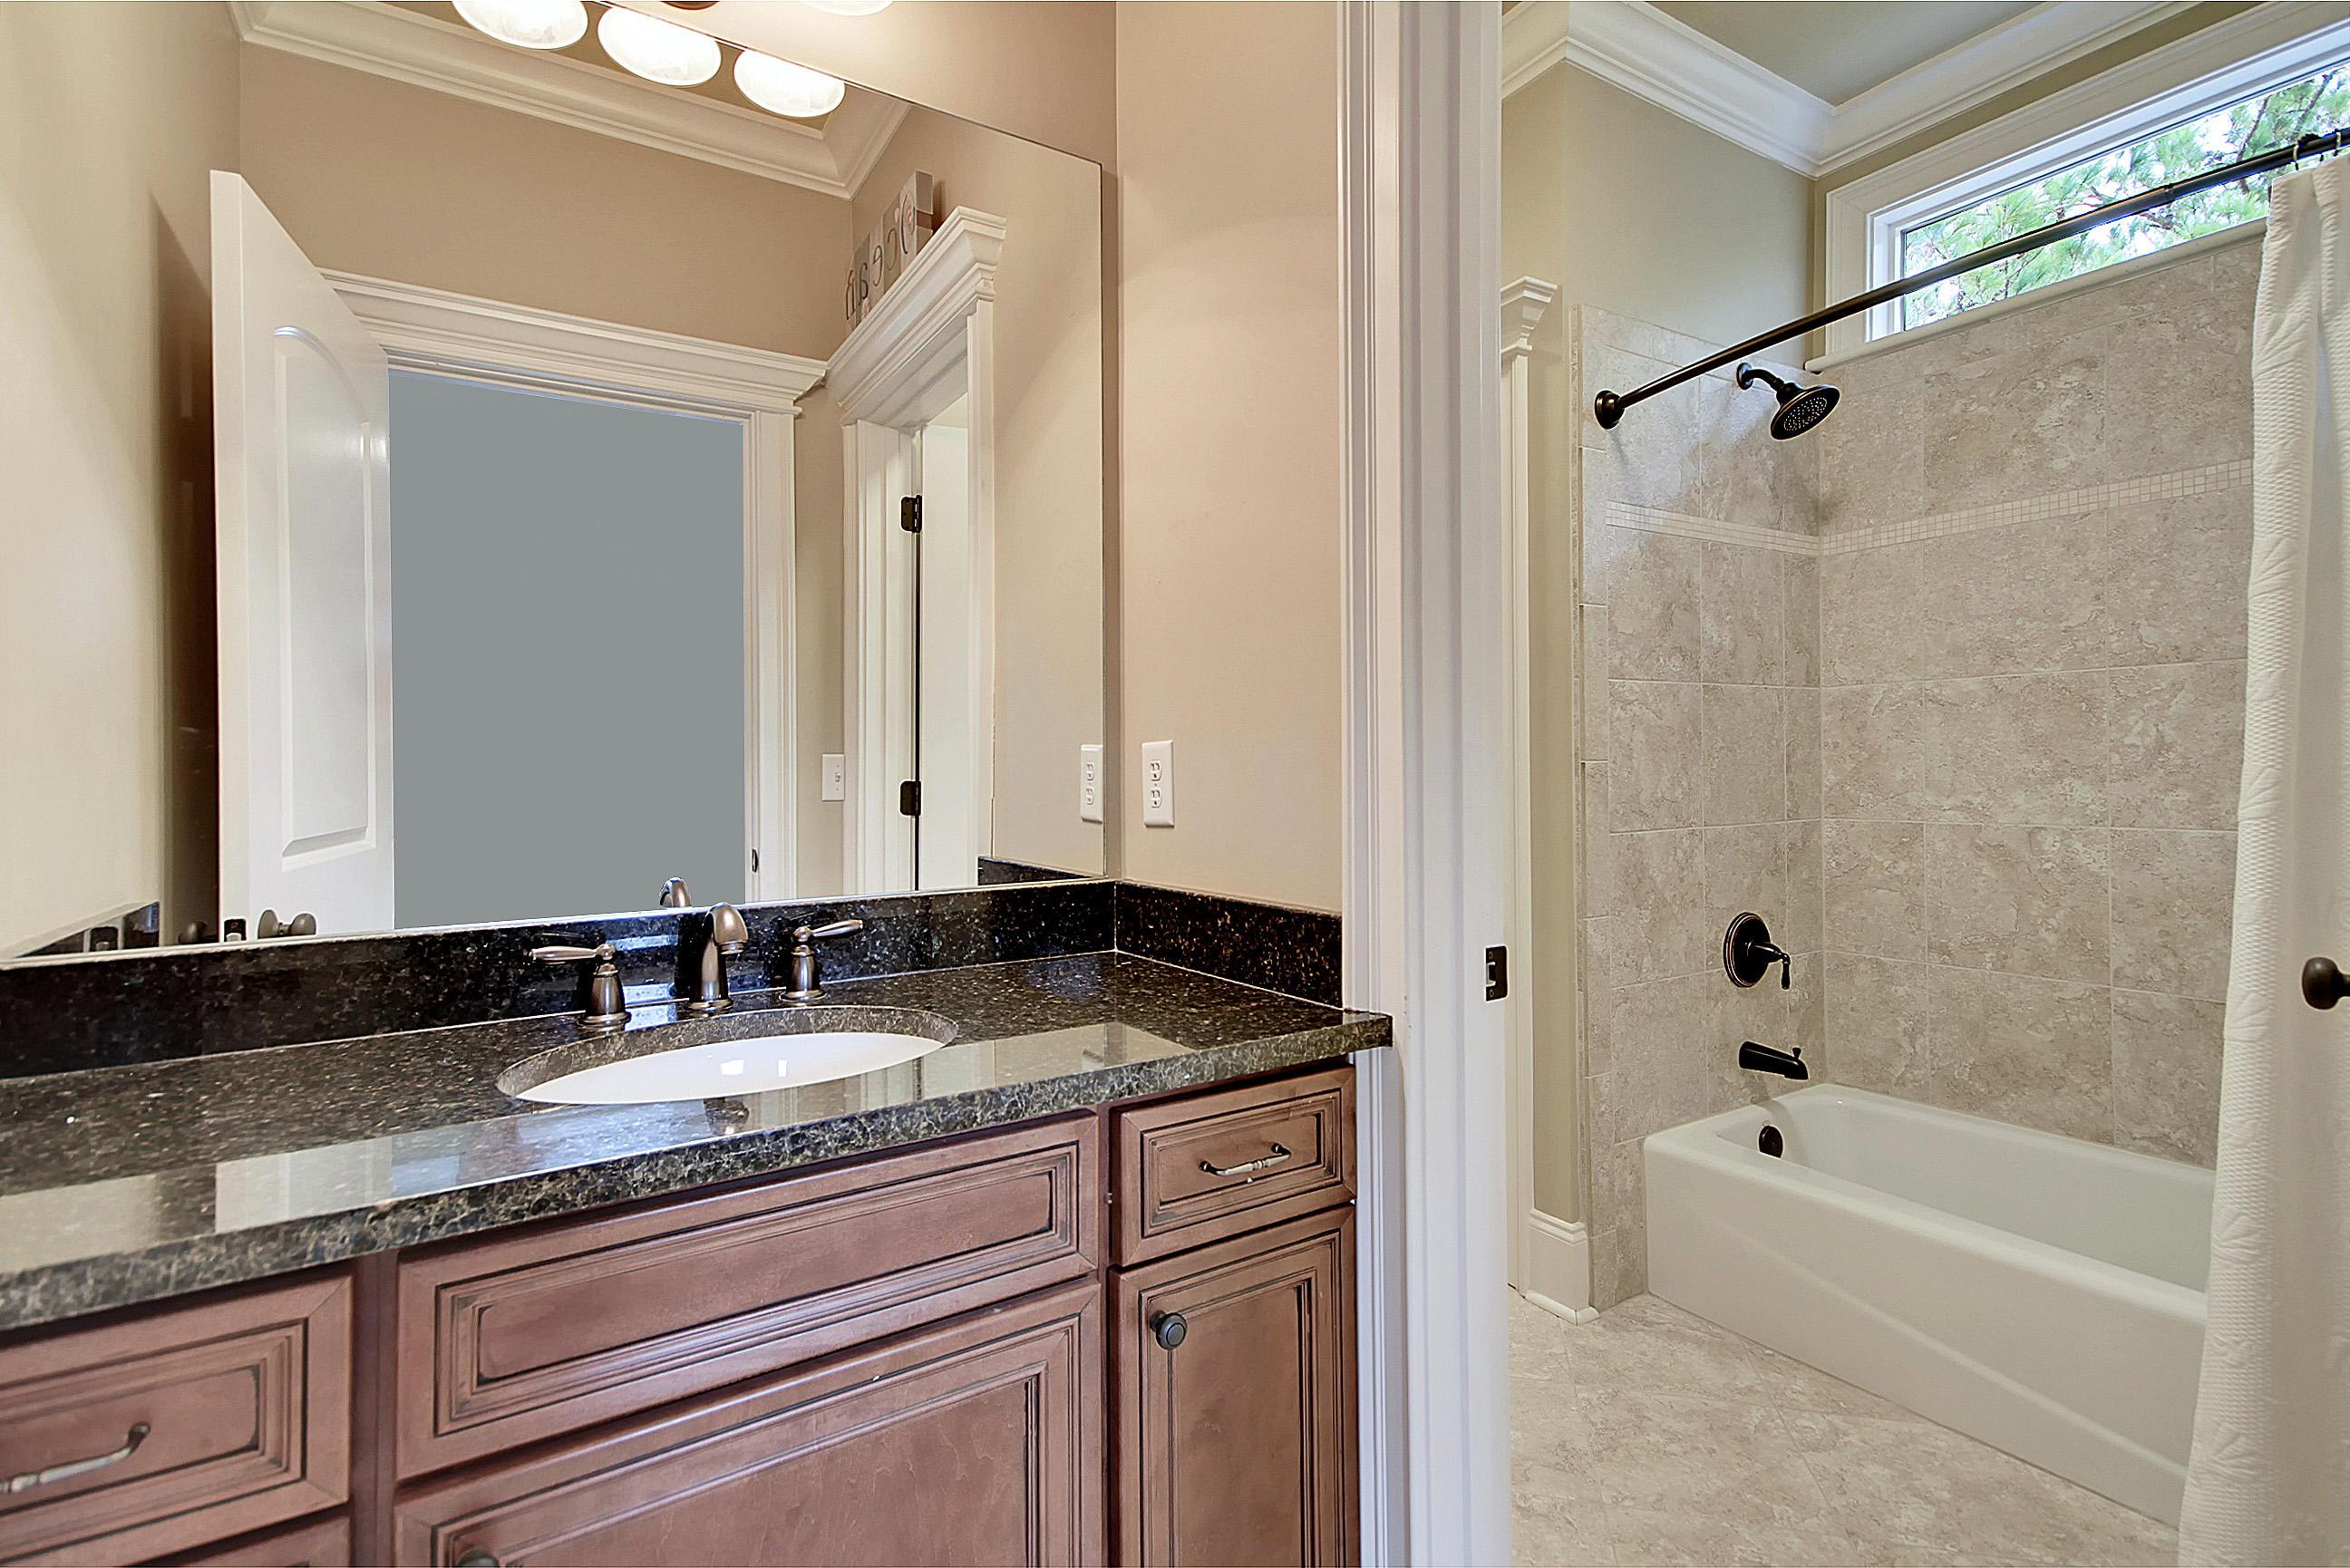 Park West Homes For Sale - 3940 Ashton Shore, Mount Pleasant, SC - 12